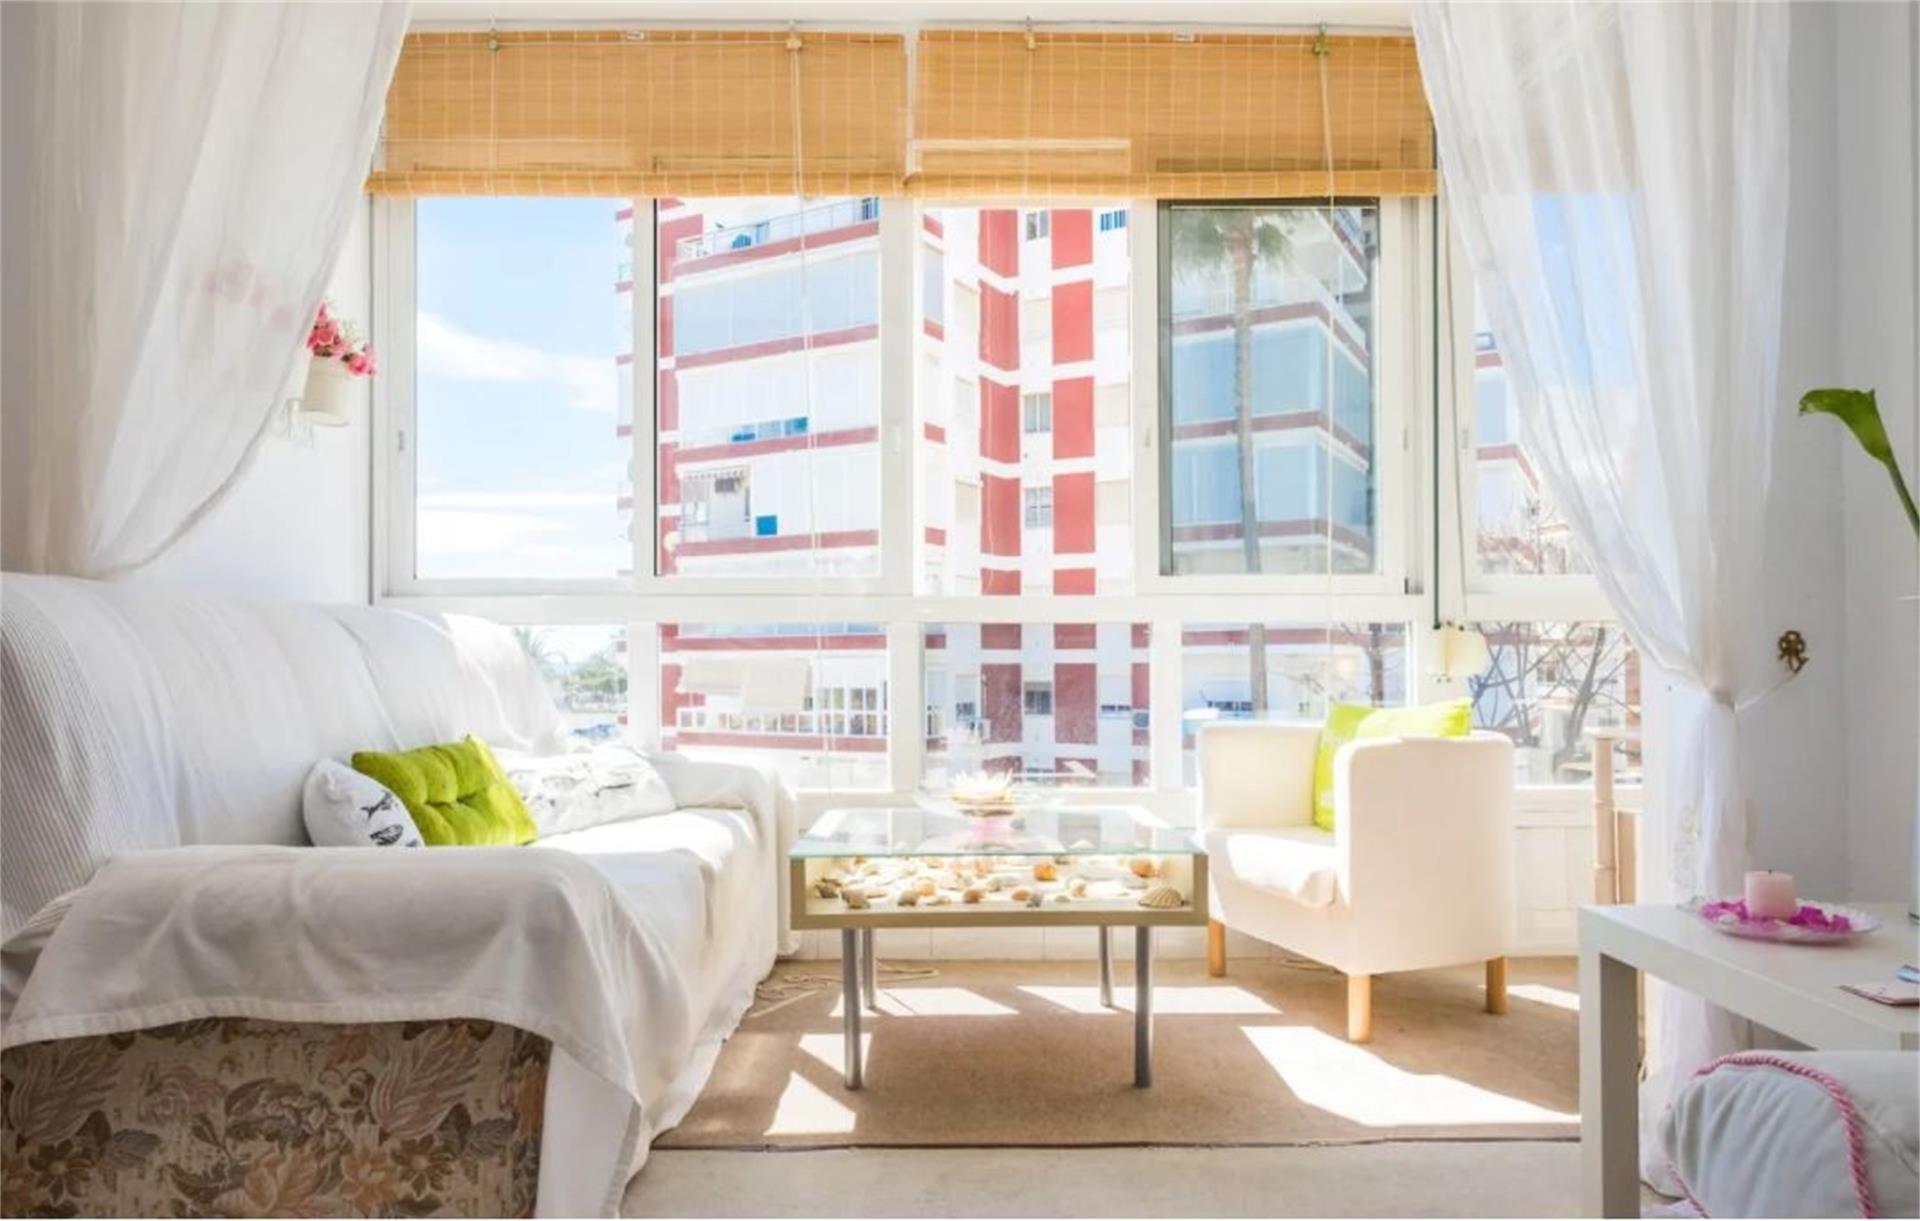 Apartamento de alquiler en Paseo Marítimo de Poniente, 60, Poniente - Faro (Torre del Mar, Málaga)